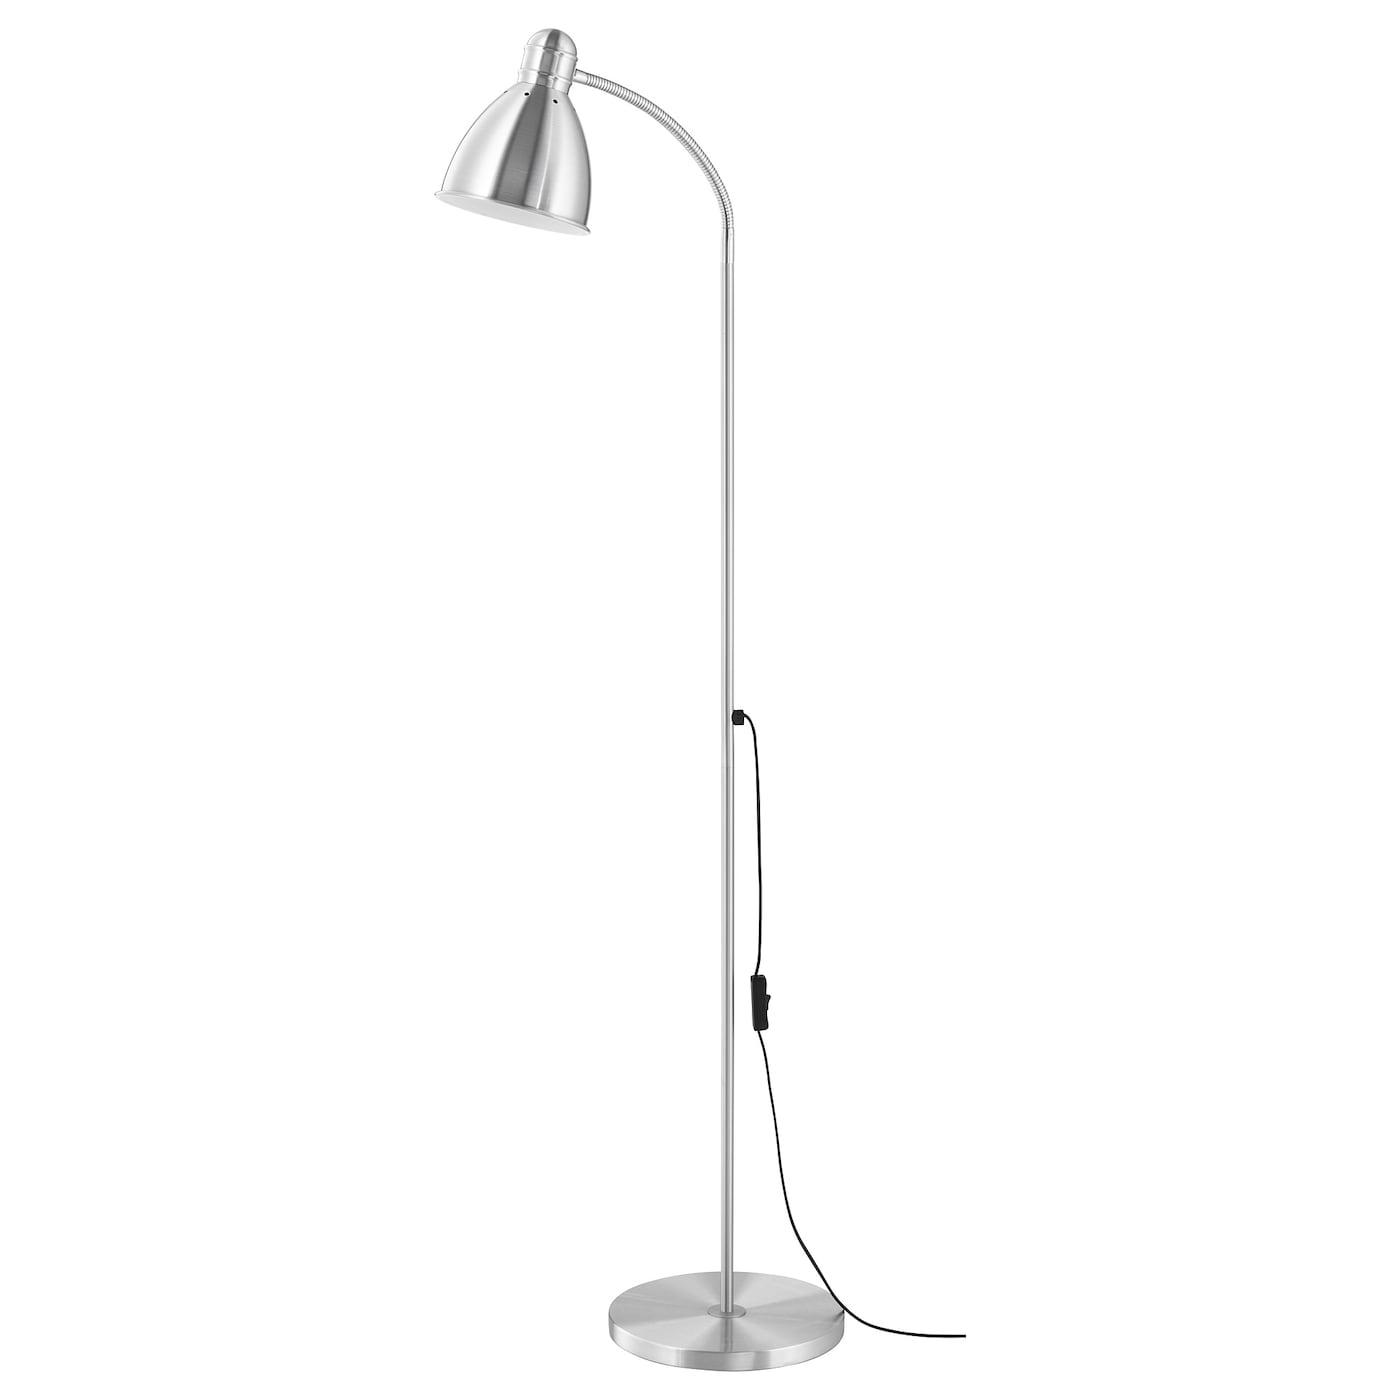 Ikea vidja stand lampe en blanc; 138 CM éclairage vertical lampadaire éclairage